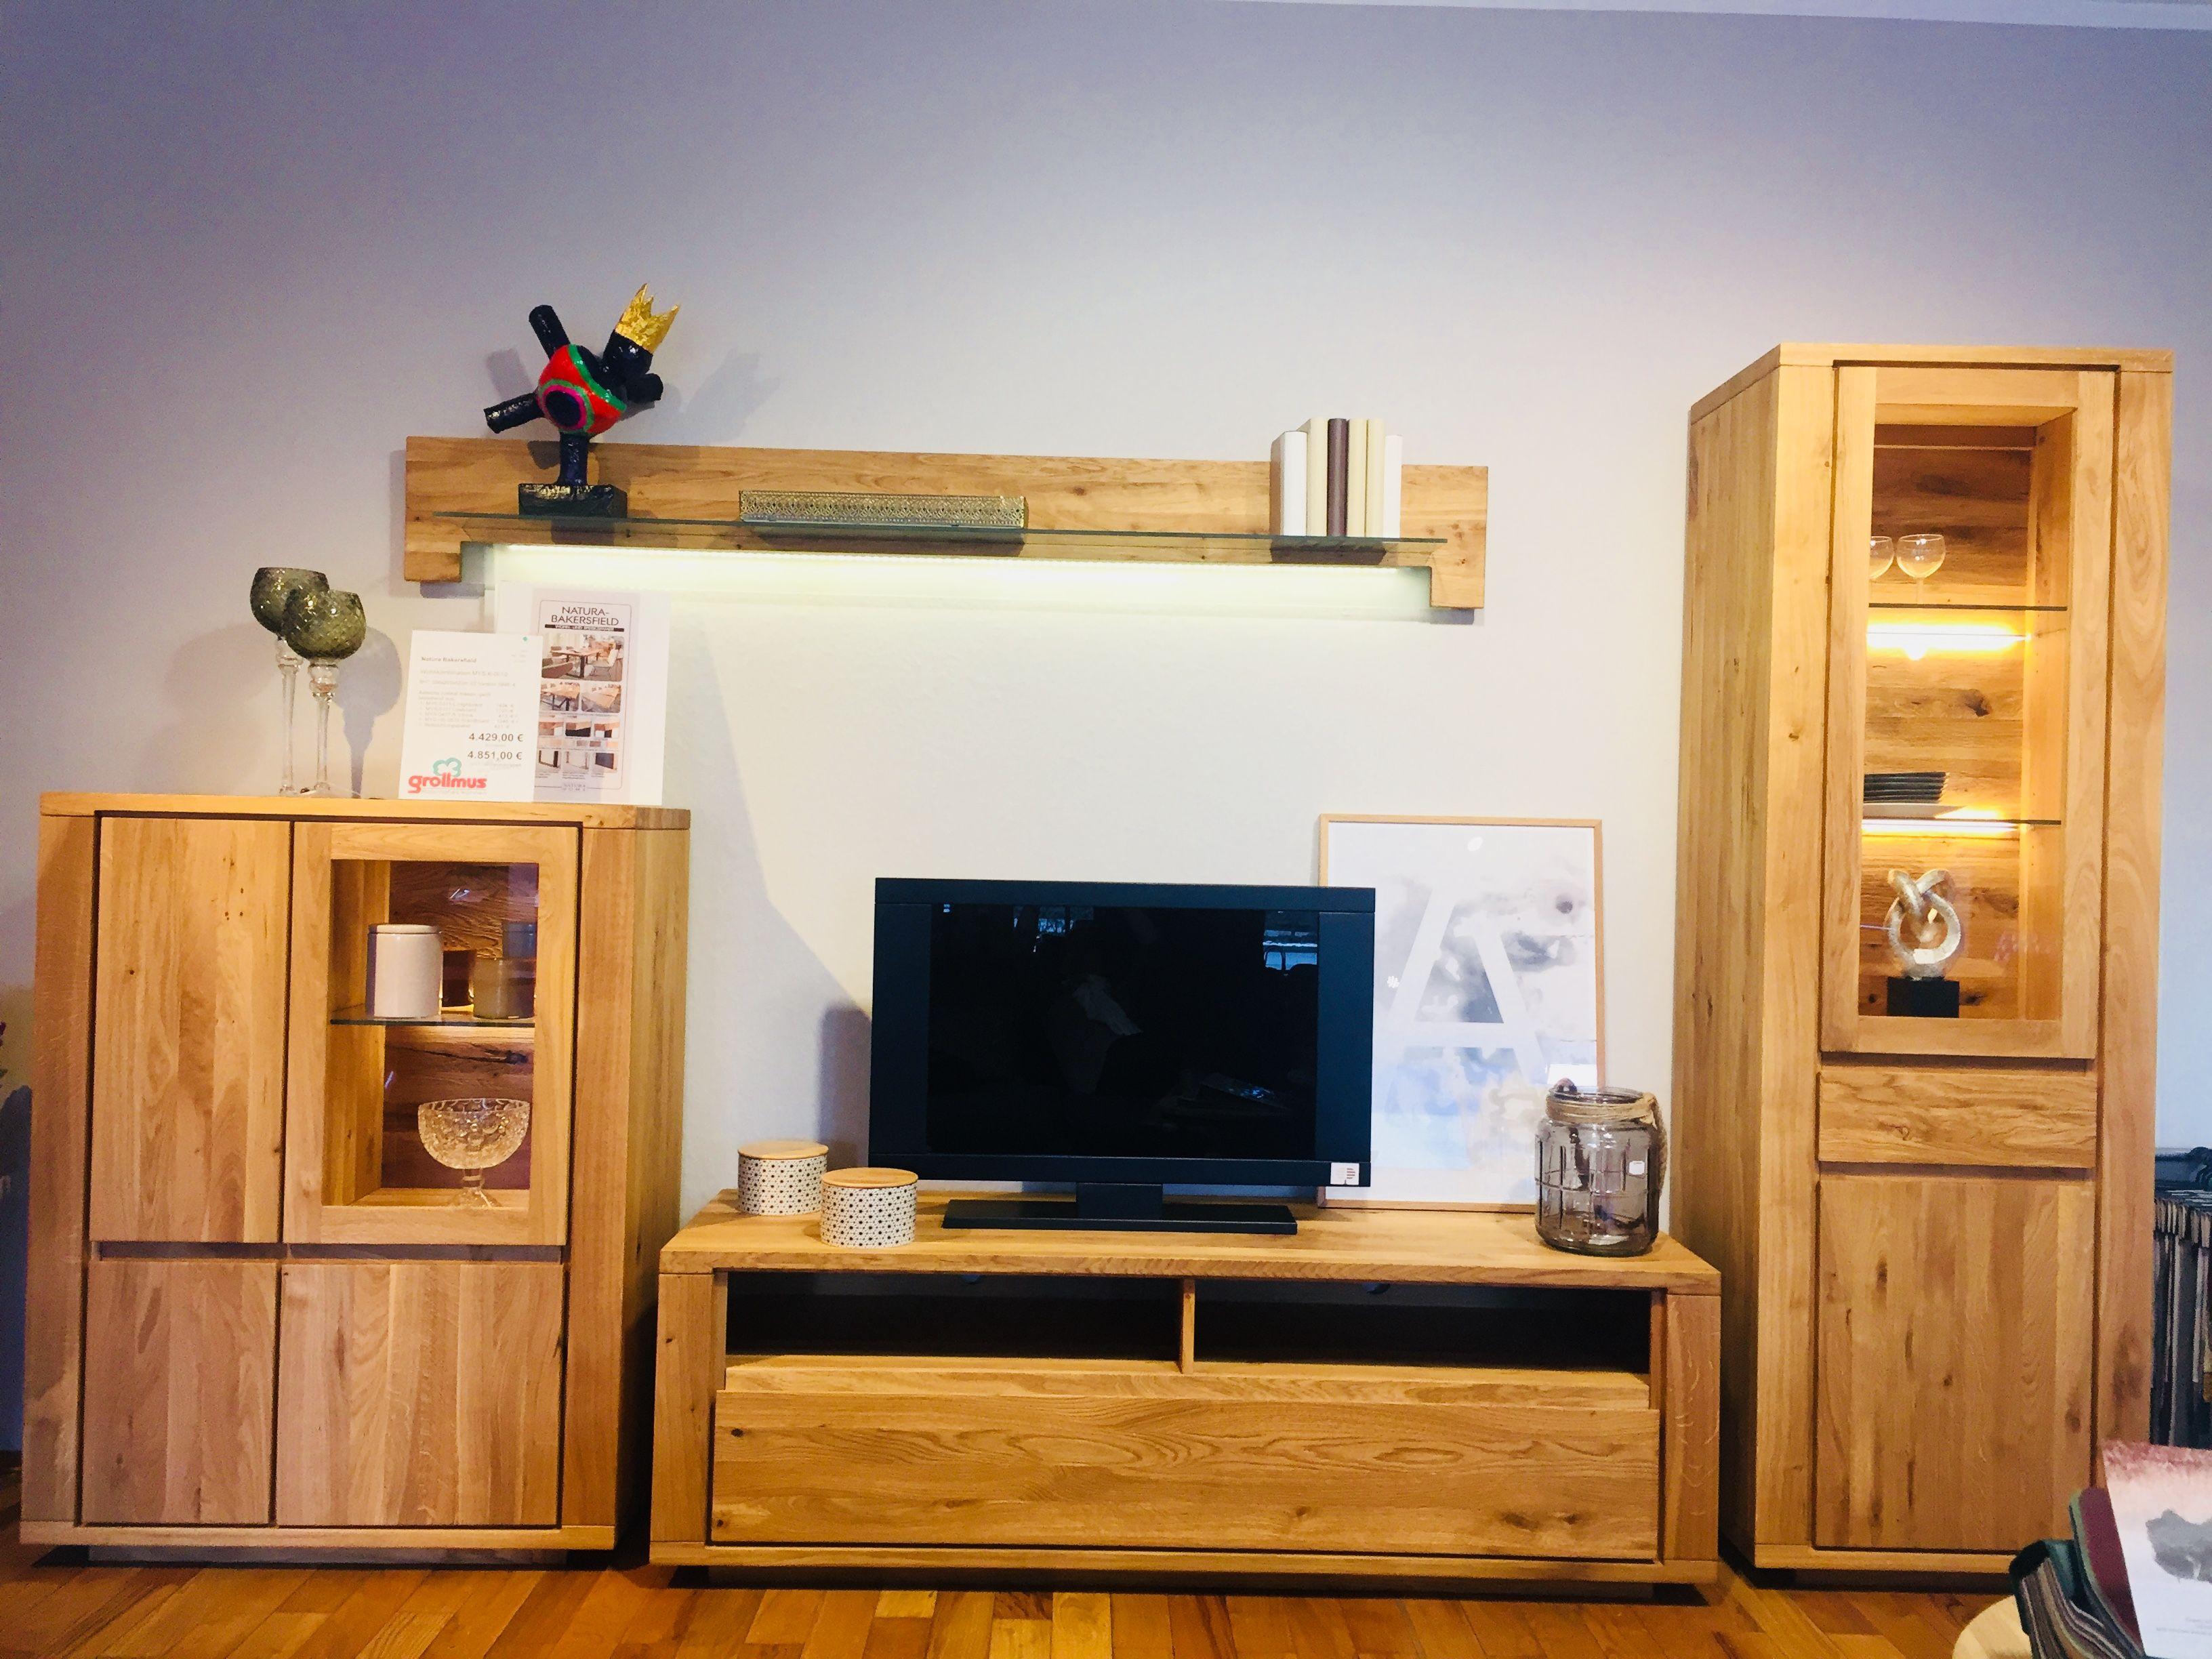 Wohnzimmerschrank rustikal ~ Wohnwand von natura bakerfield in asteiche rustikal massiv geölt